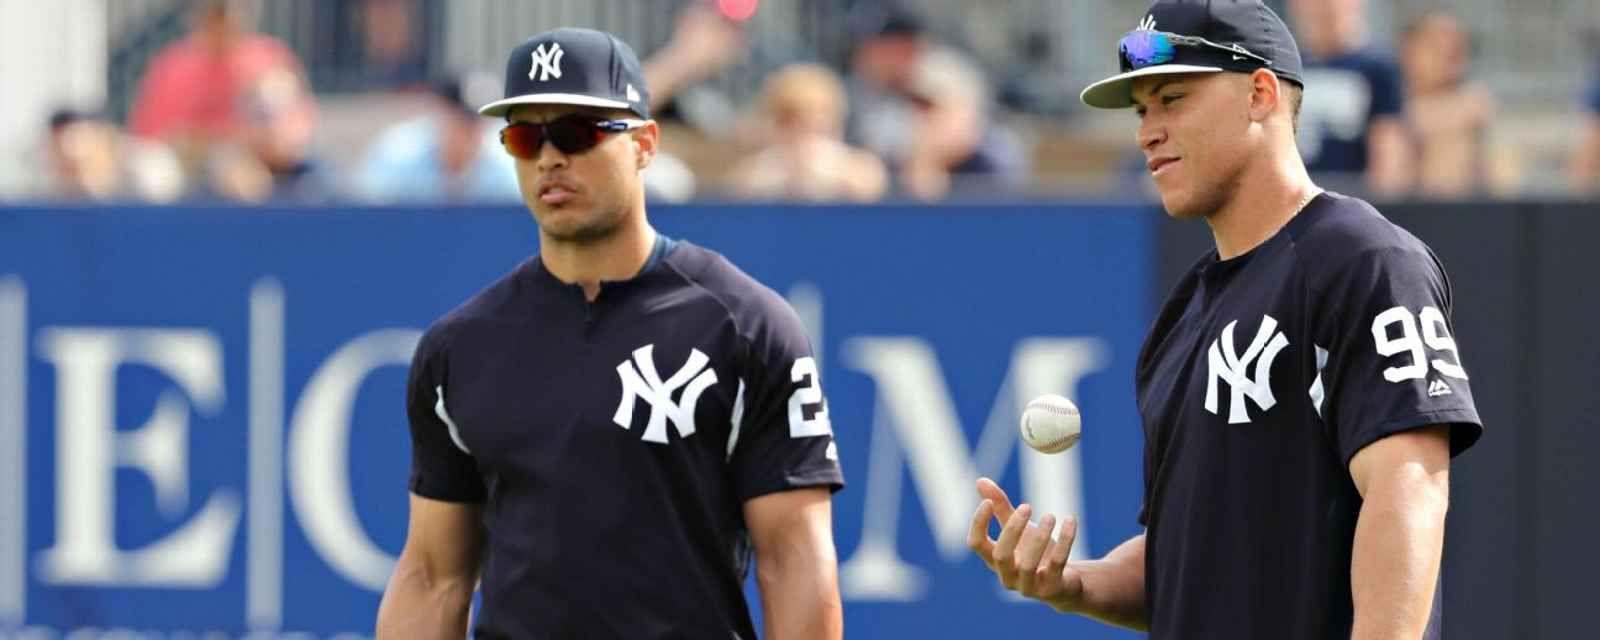 Mlb Major League Baseball Teams Scores Stats News Standings Rumors Espn Major League Baseball Teams Baseball T Shirt Designs Espn Baseball